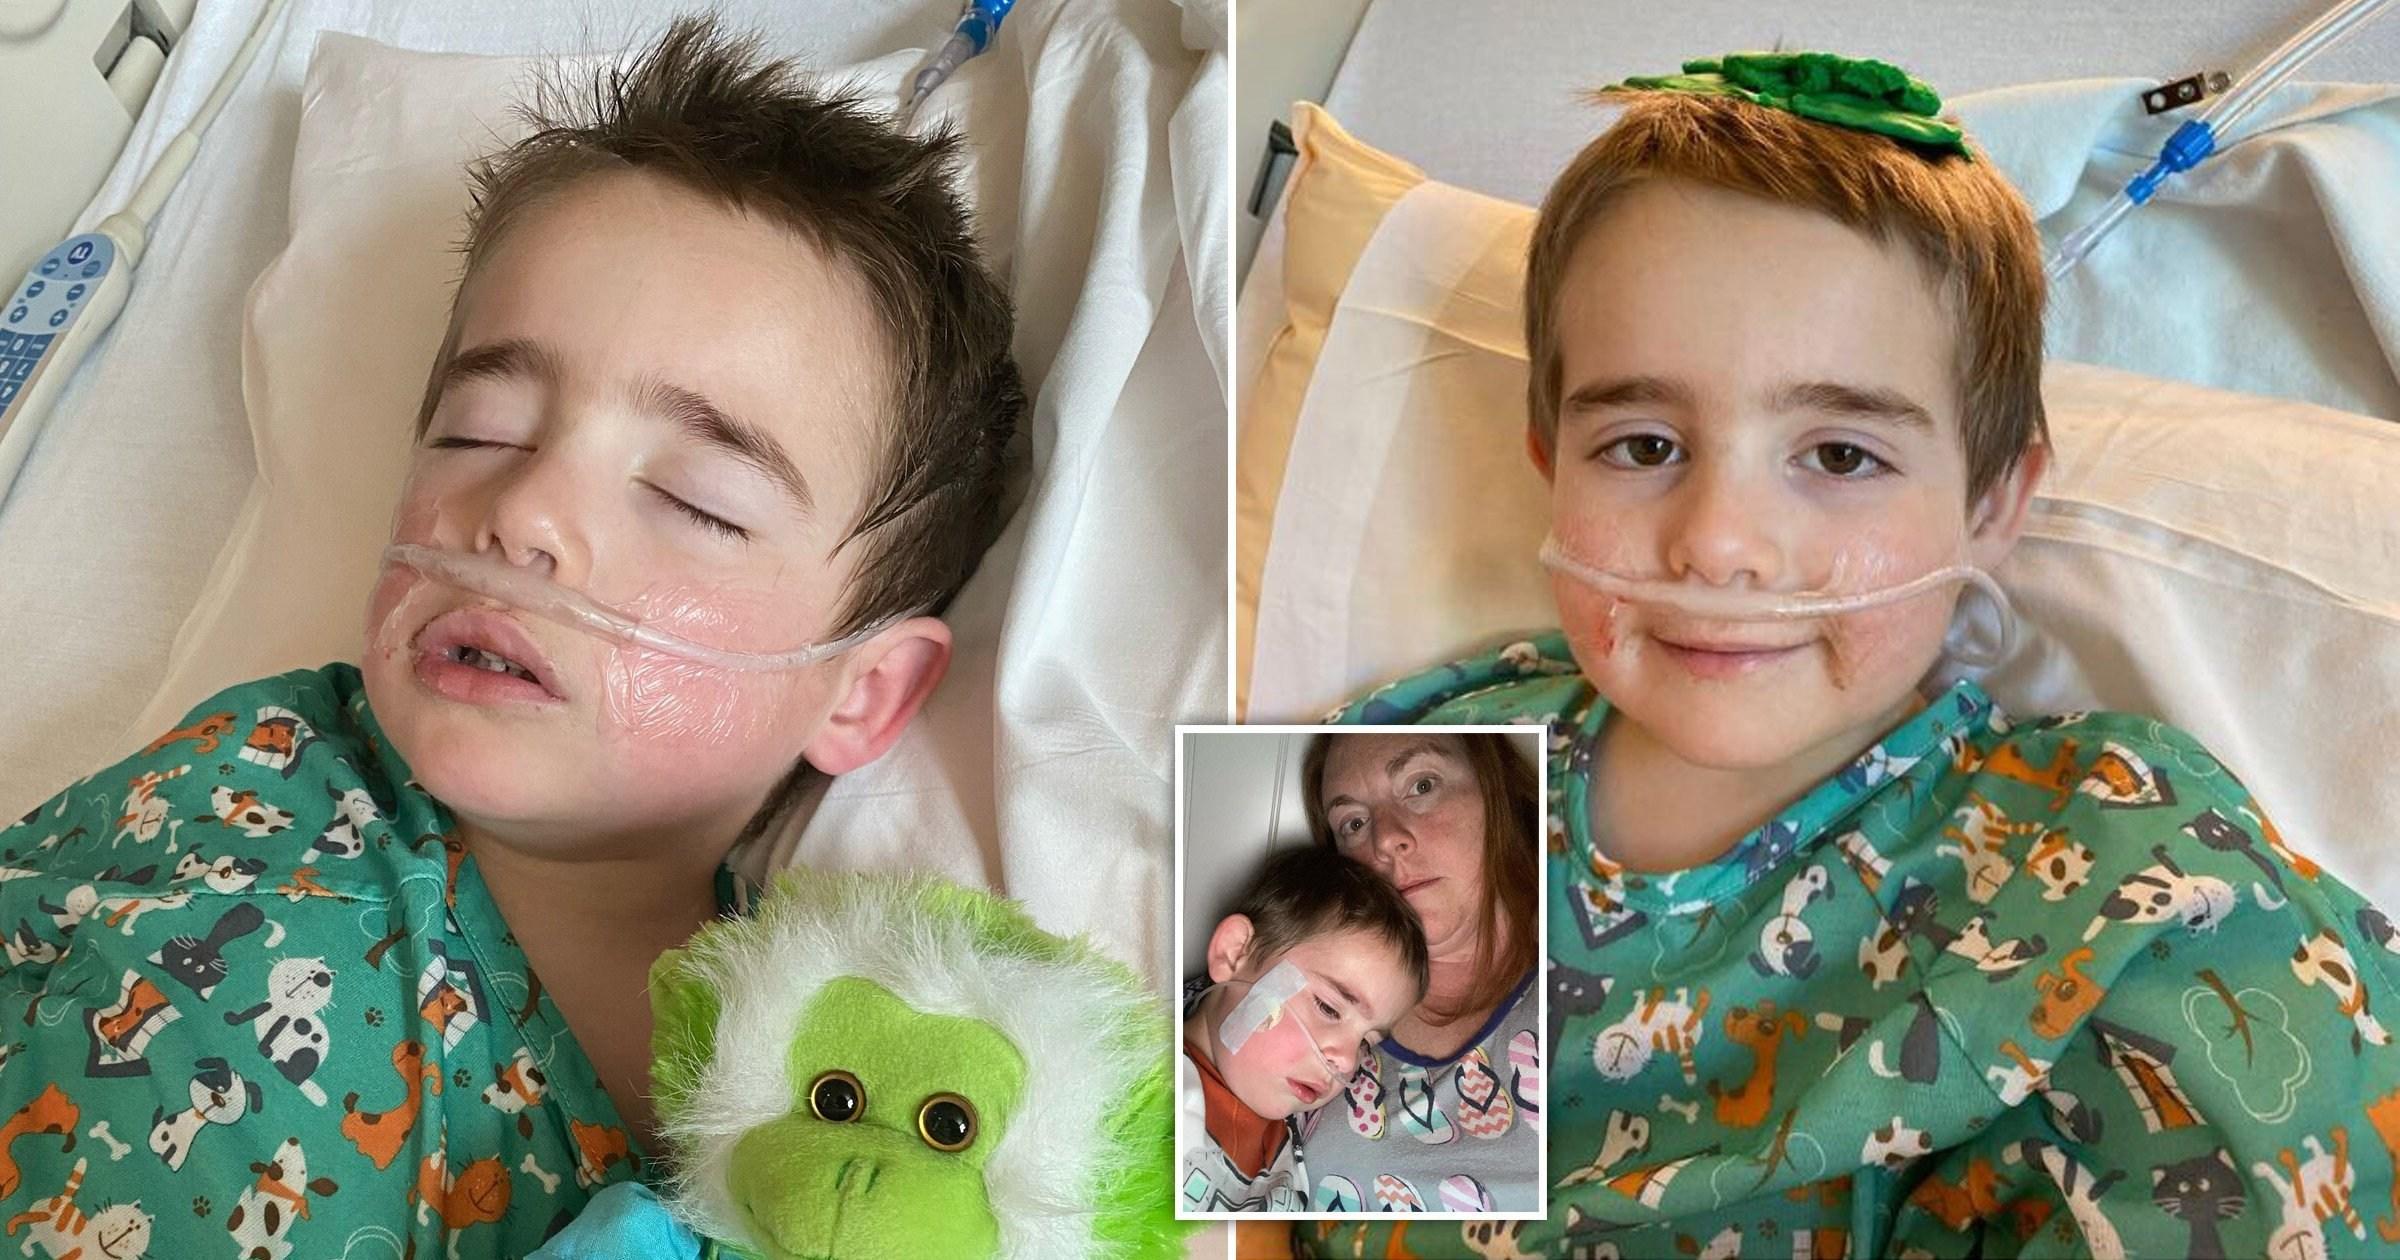 Boy, 4, told mum 'I'm not gonna go home' as he battled coronavirus in hospital